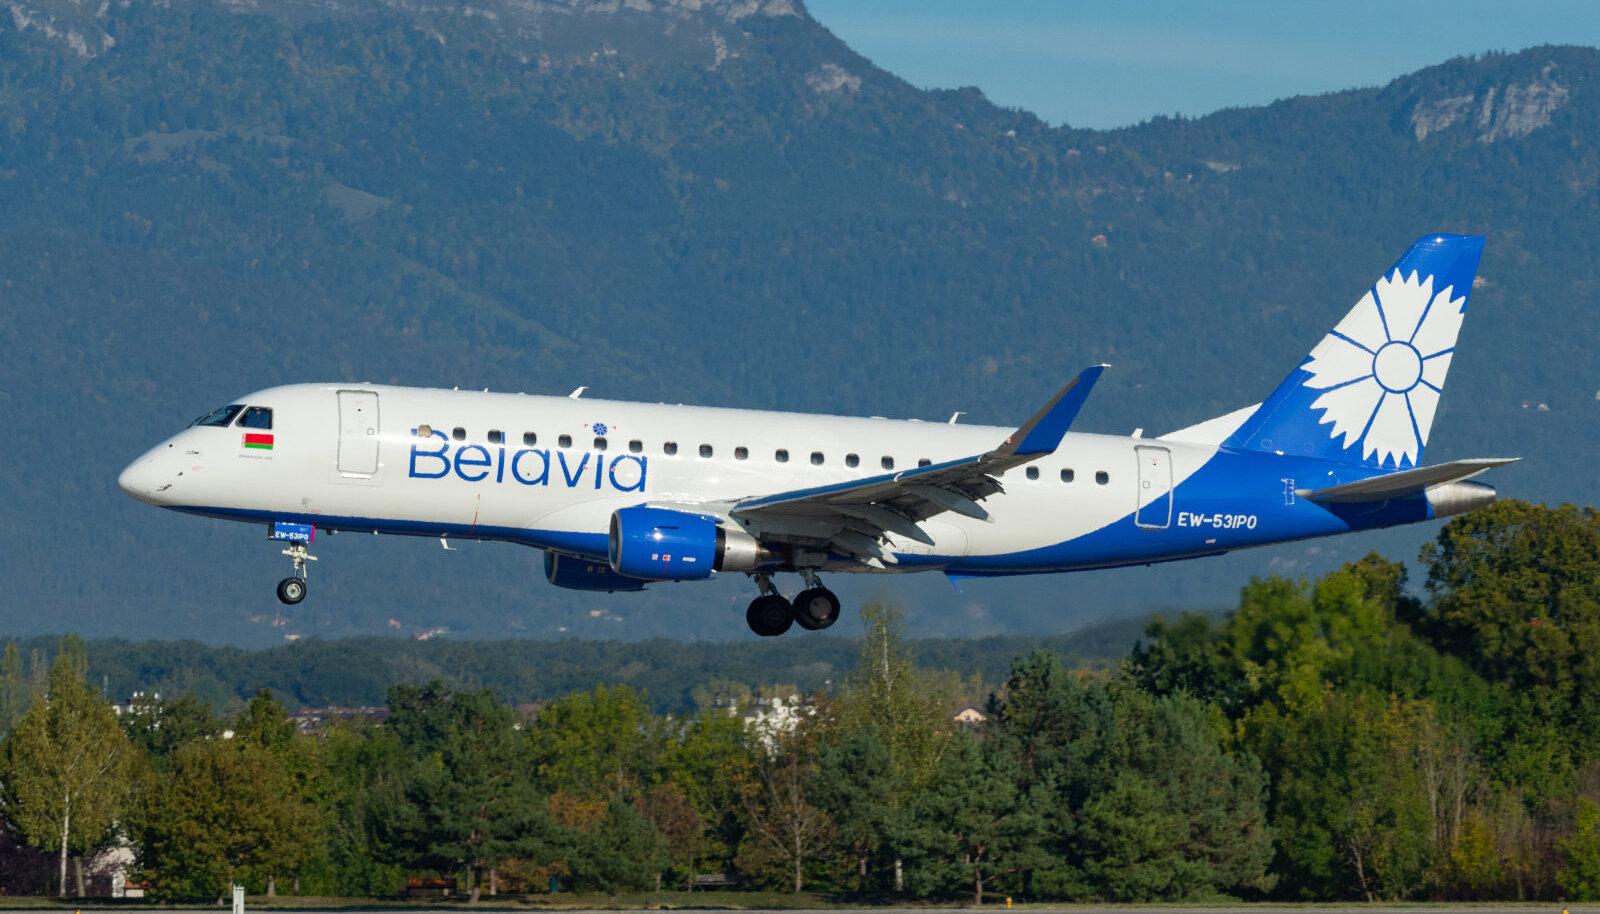 EW-531PO, Tallinna poole suunduv Belavia lennuk varasemal lennul